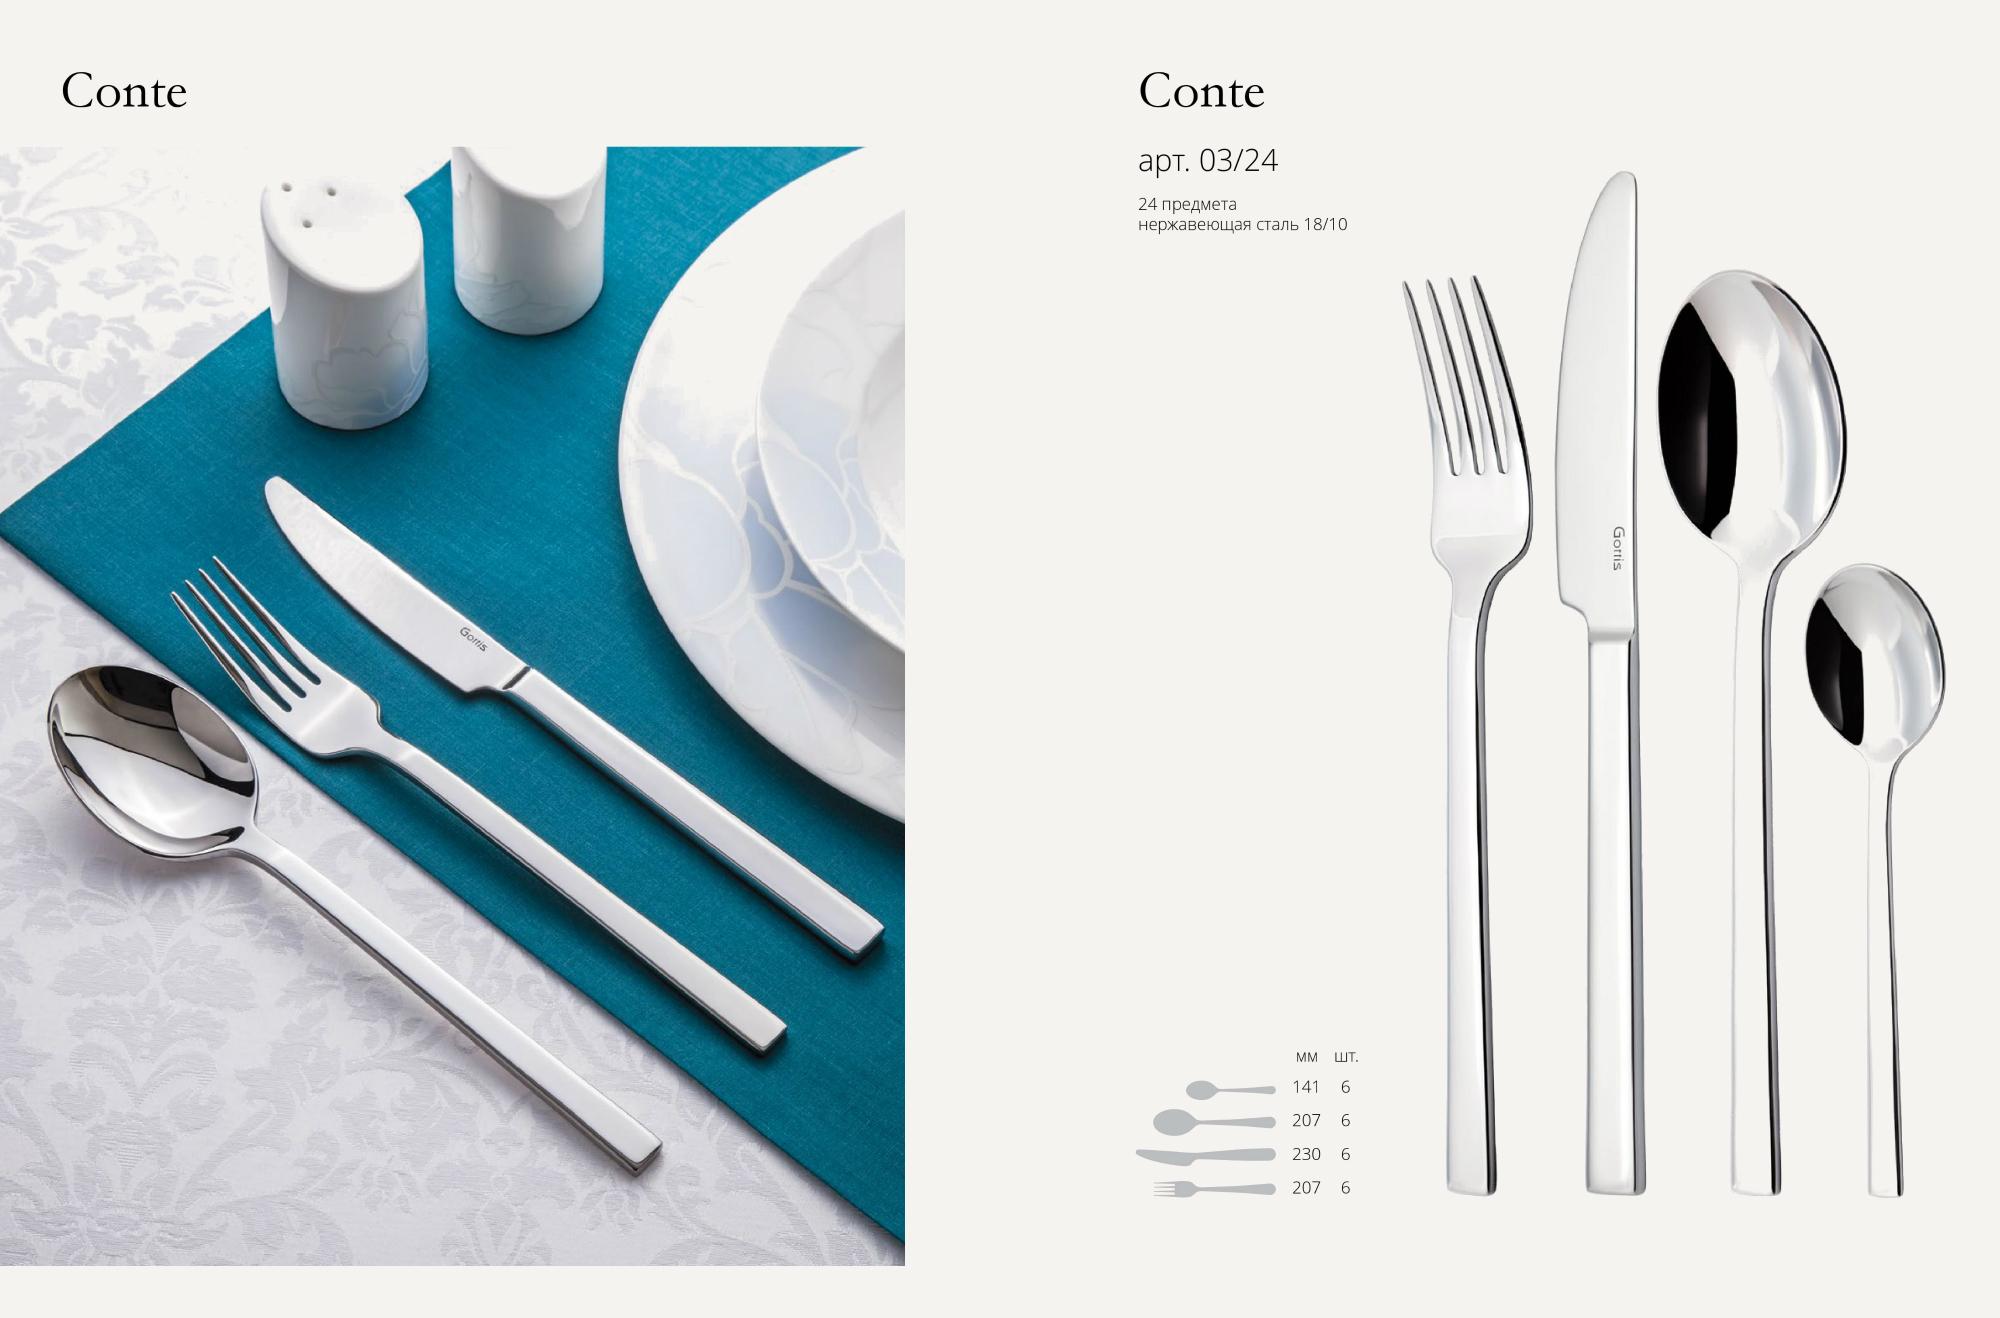 Набор столовых приборов (24 предмета / 6 персон) Gottis Conte 03/24